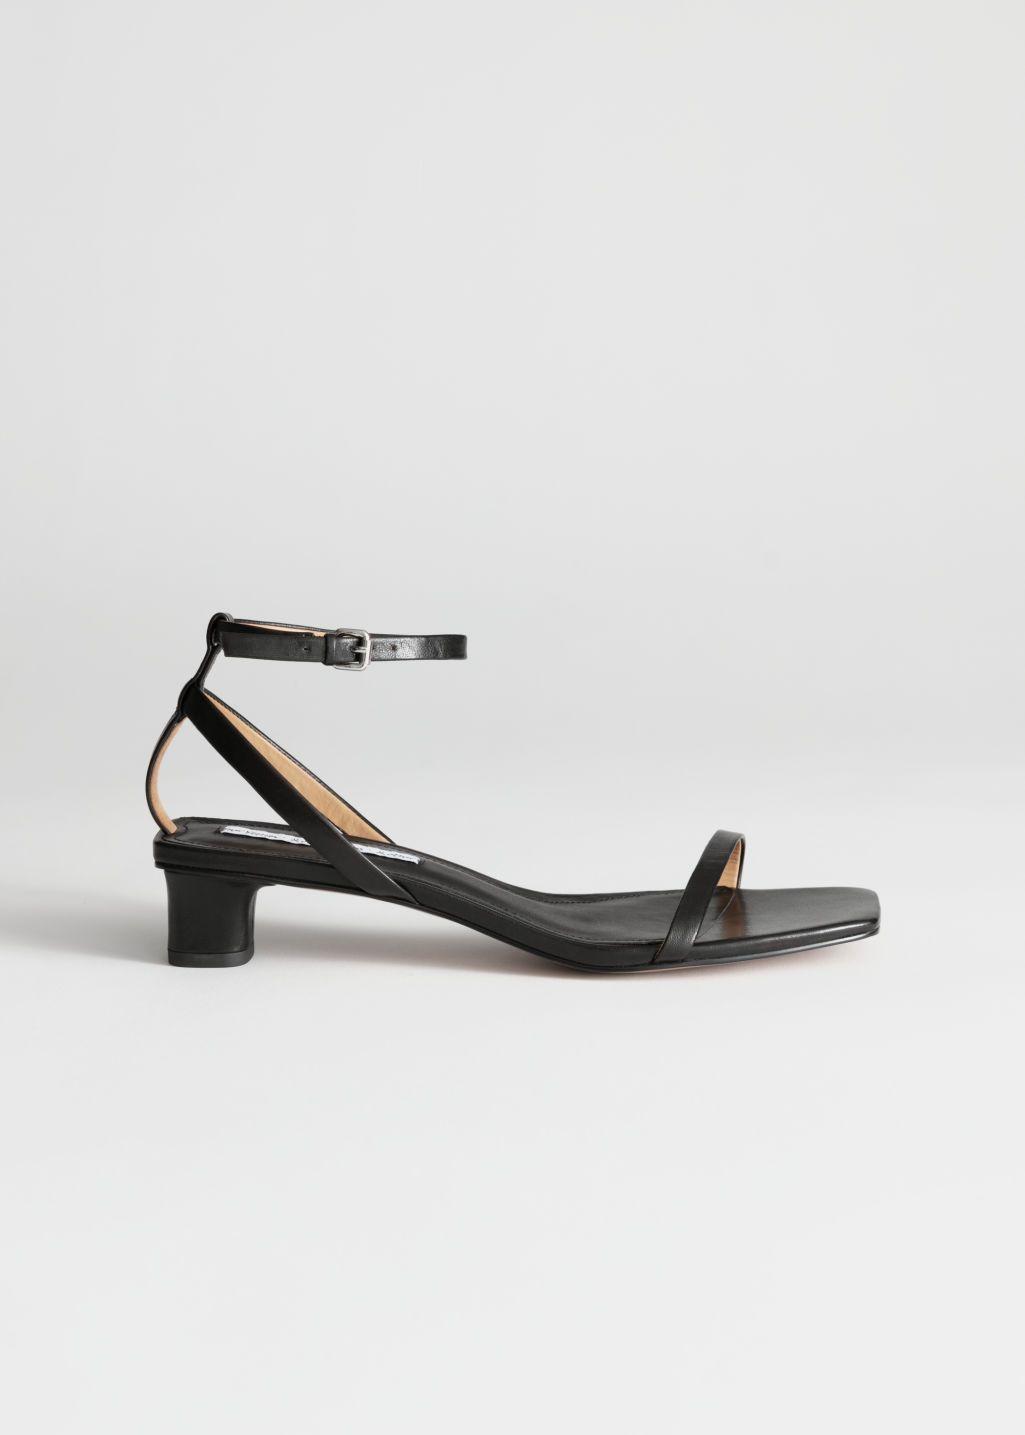 Leather Kitten Heel Sandals Kitten Heel Sandals Black Sandals Heels Sandals Heels